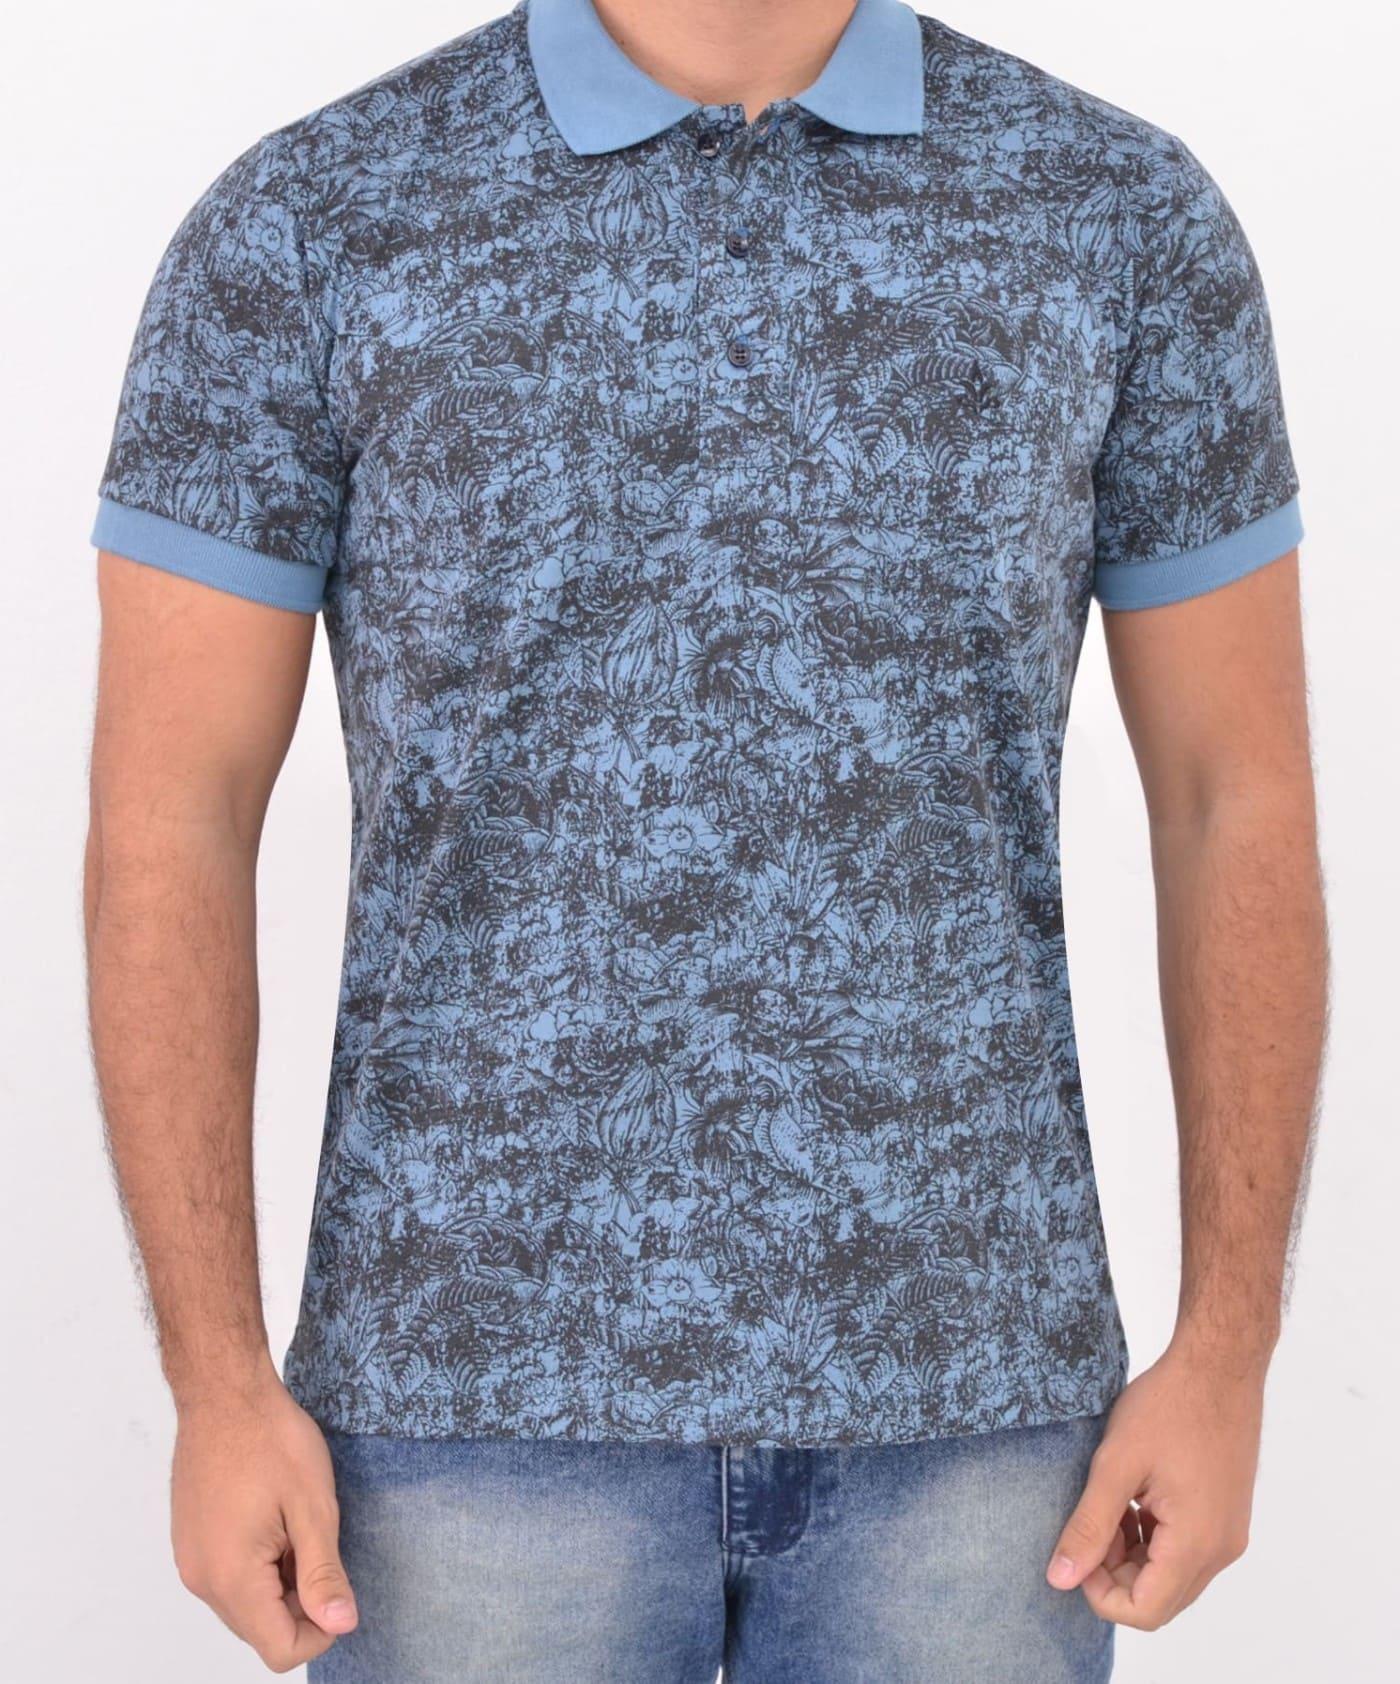 Camisa Barrocco Pólo Flores Azul - FRETE GRÁTIS